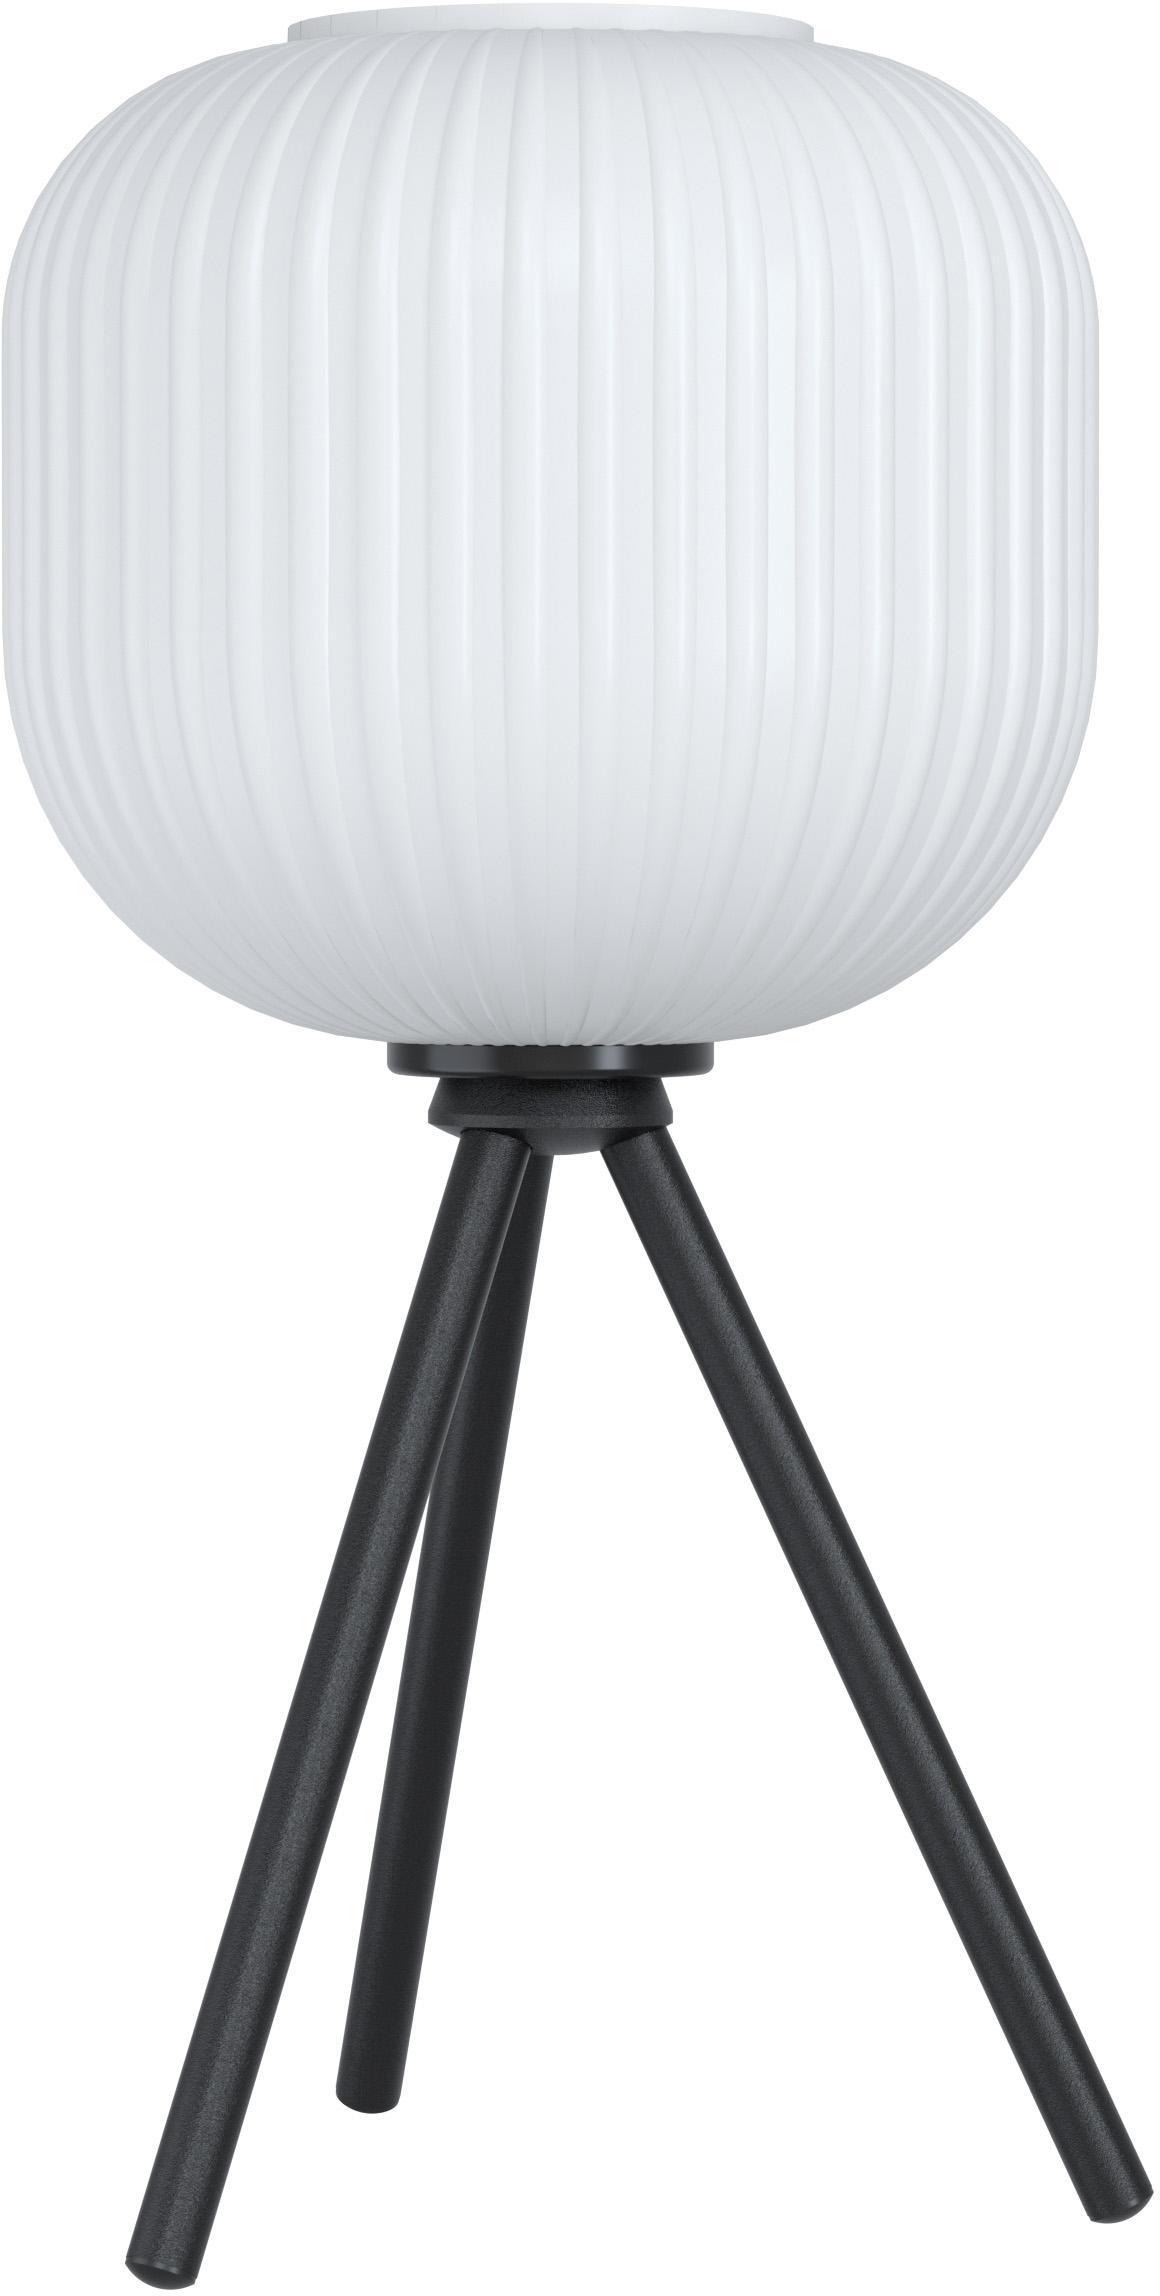 Tischleuchte Mantunalle aus Opalglas, Lampenschirm: Opalglas, Lampenfuß: Metall, lackiert, Weiß, Schwarz, Ø 20 x H 40 cm